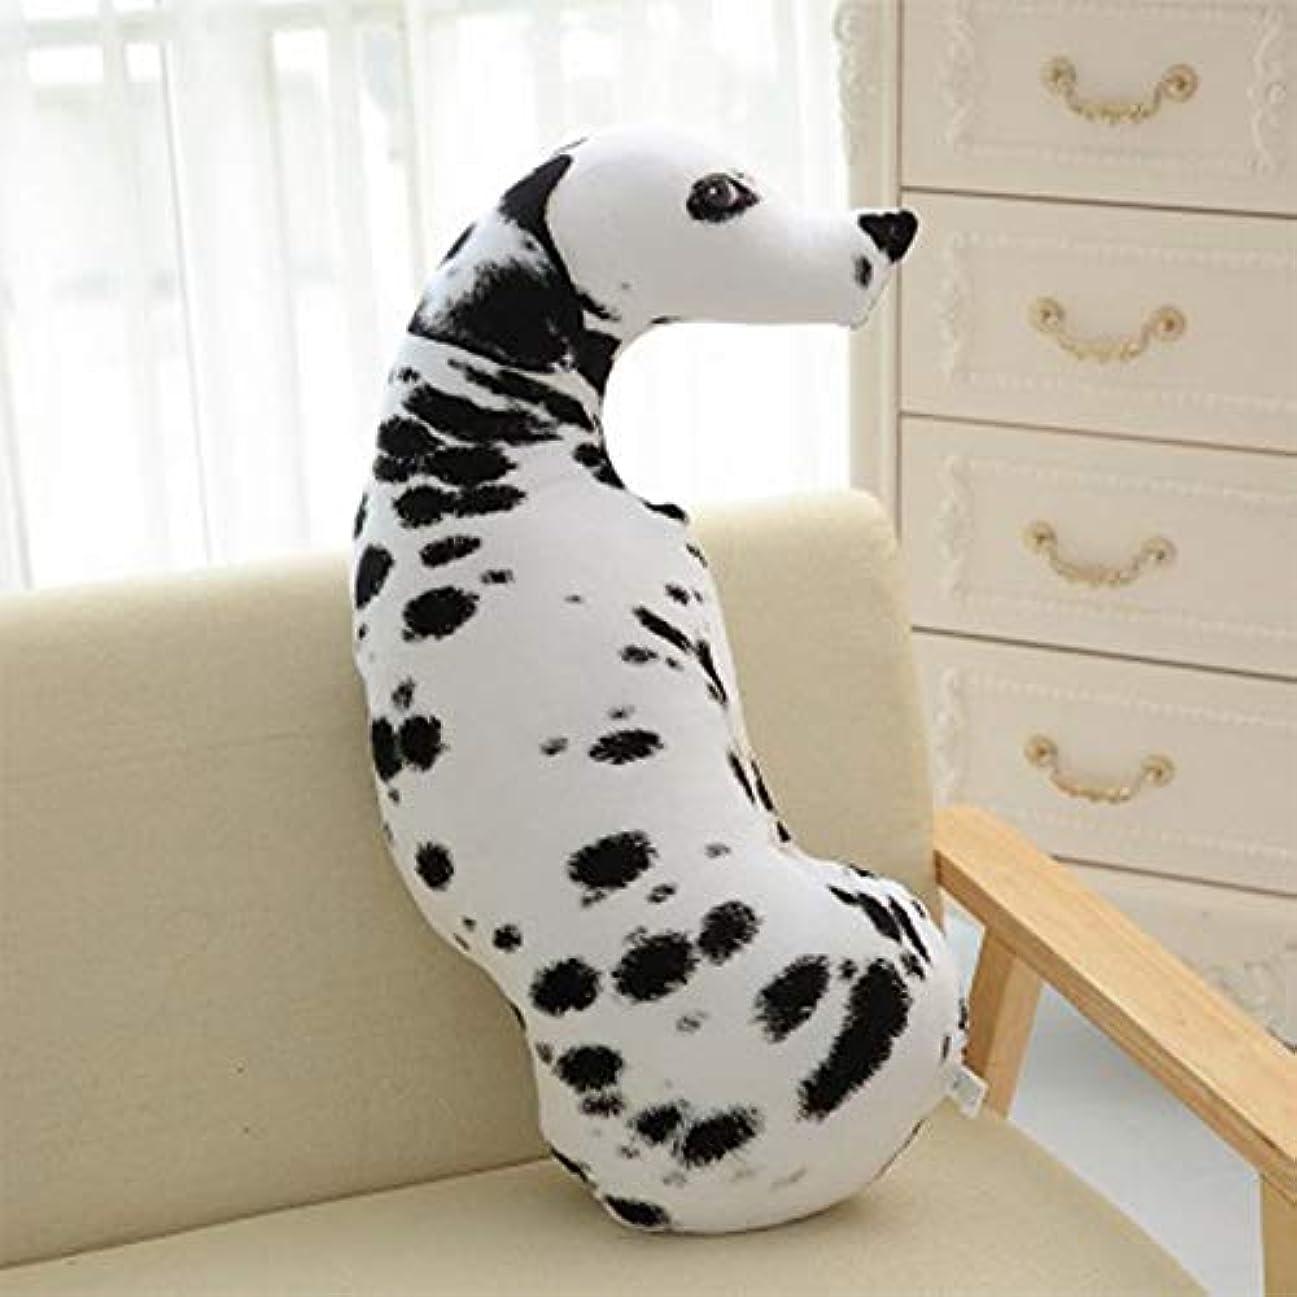 ネブ上陸テレビLIFE 3D プリントシミュレーション犬ぬいぐるみクッションぬいぐるみ犬ぬいぐるみ枕ぬいぐるみの漫画クッションキッズ人形ベストギフト クッション 椅子